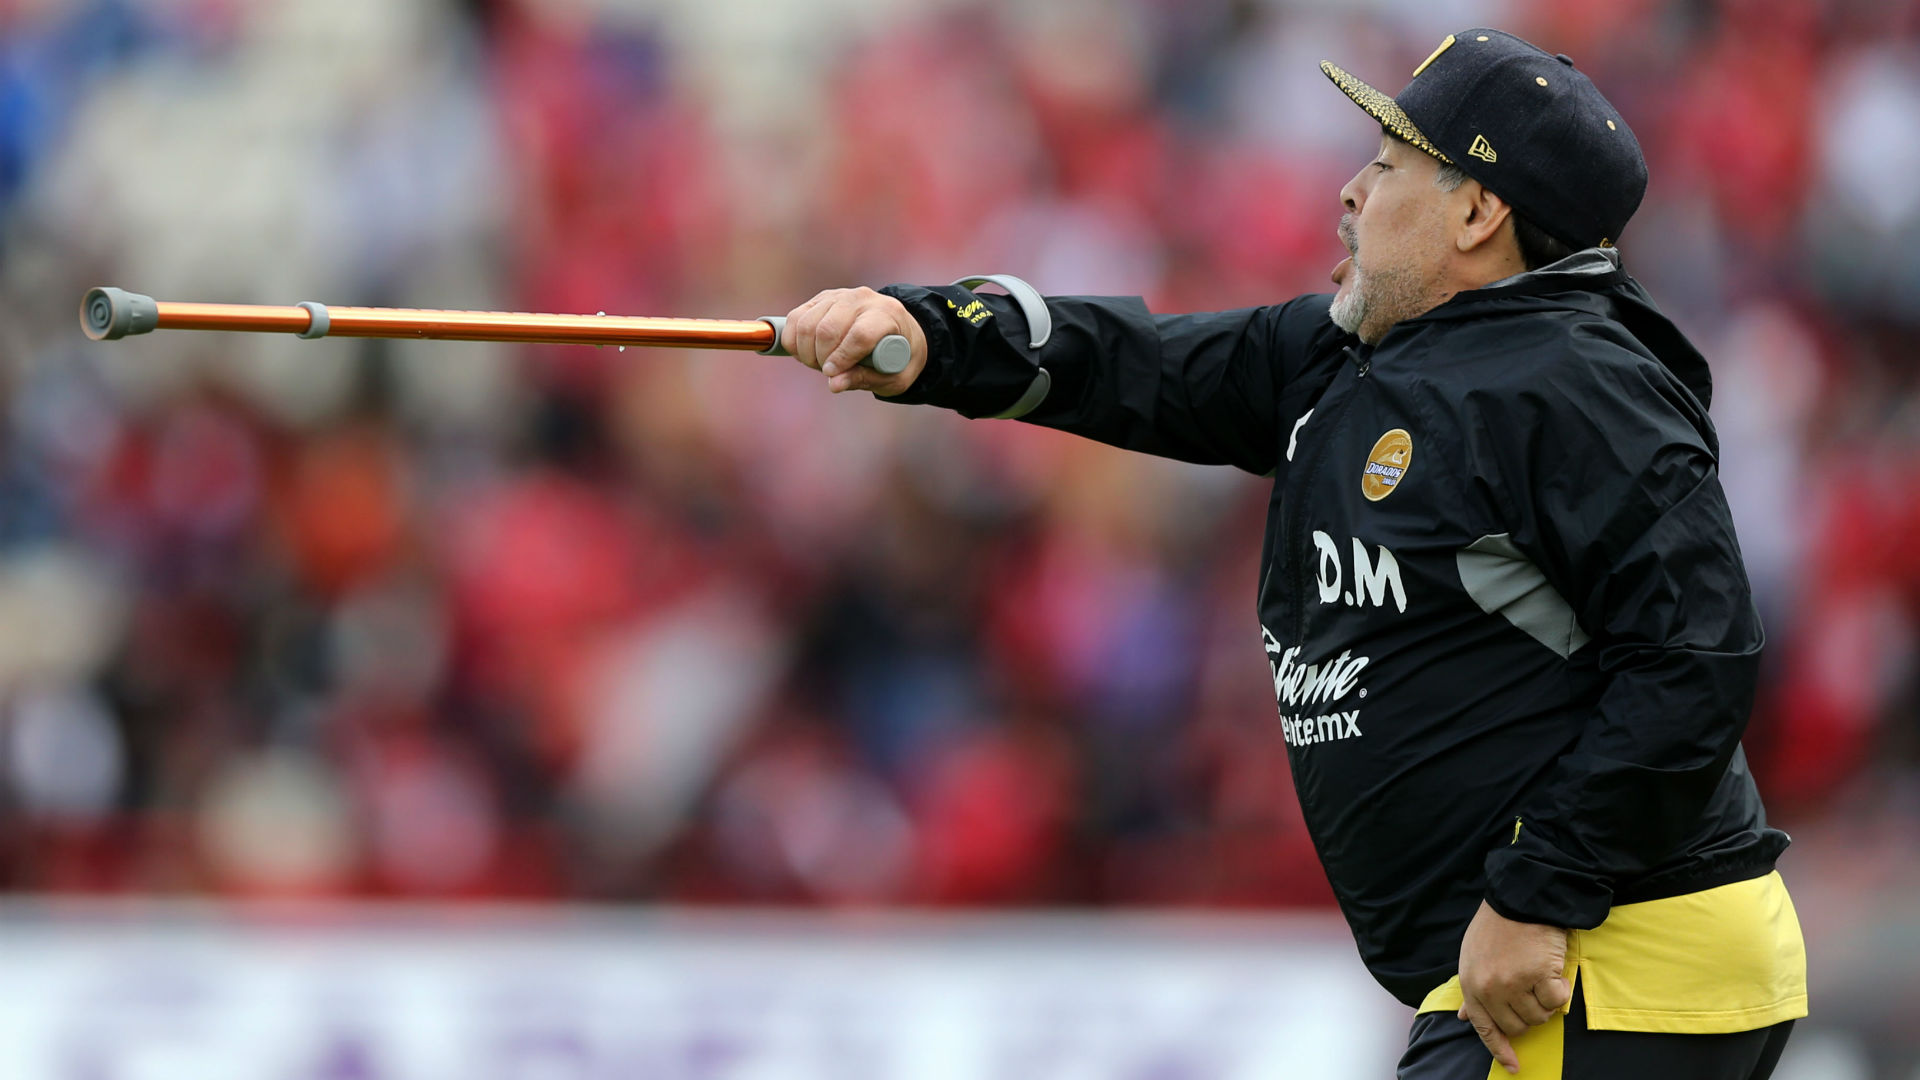 Net worth of Diego Maradona